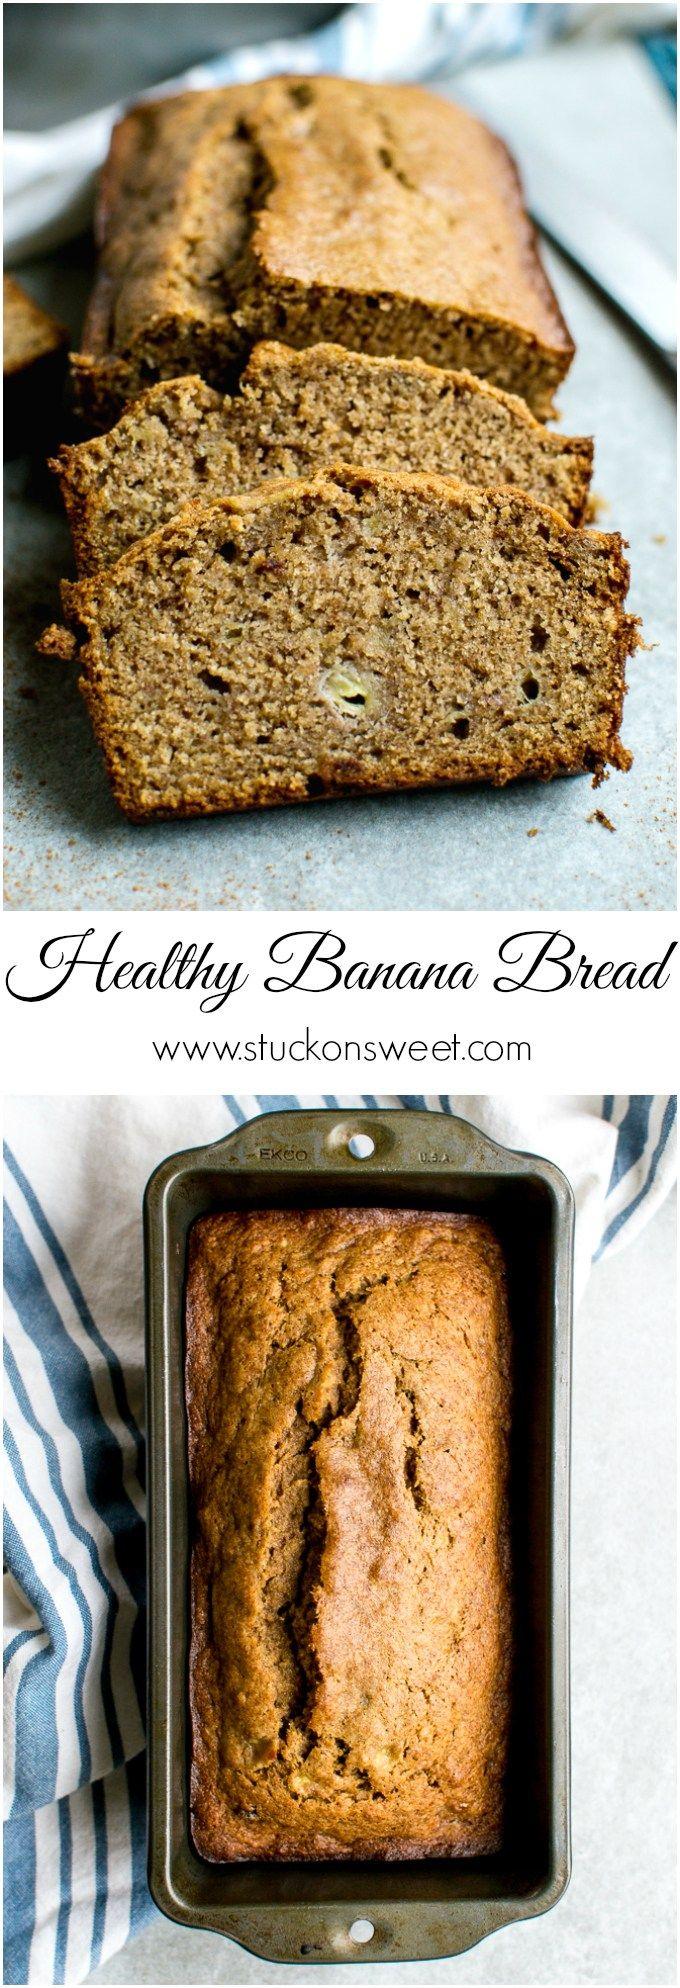 Healthy Banana Bread Recipe Do It Yourself Today Banana